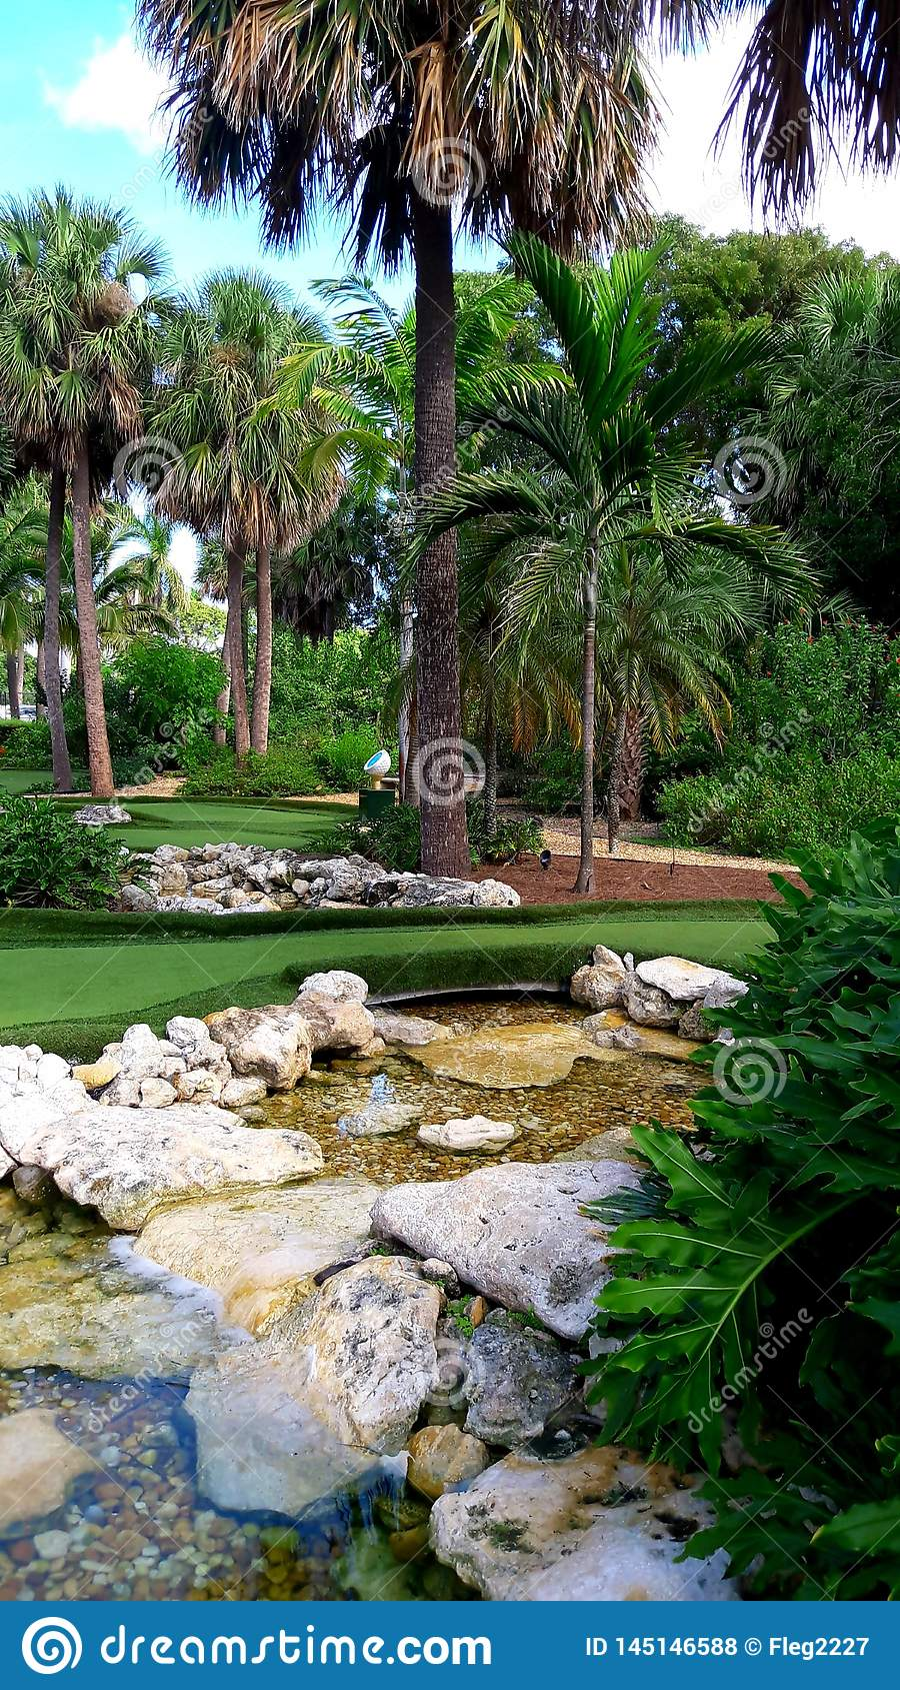 Corso tropicale del minigolf e del giardino in Florida